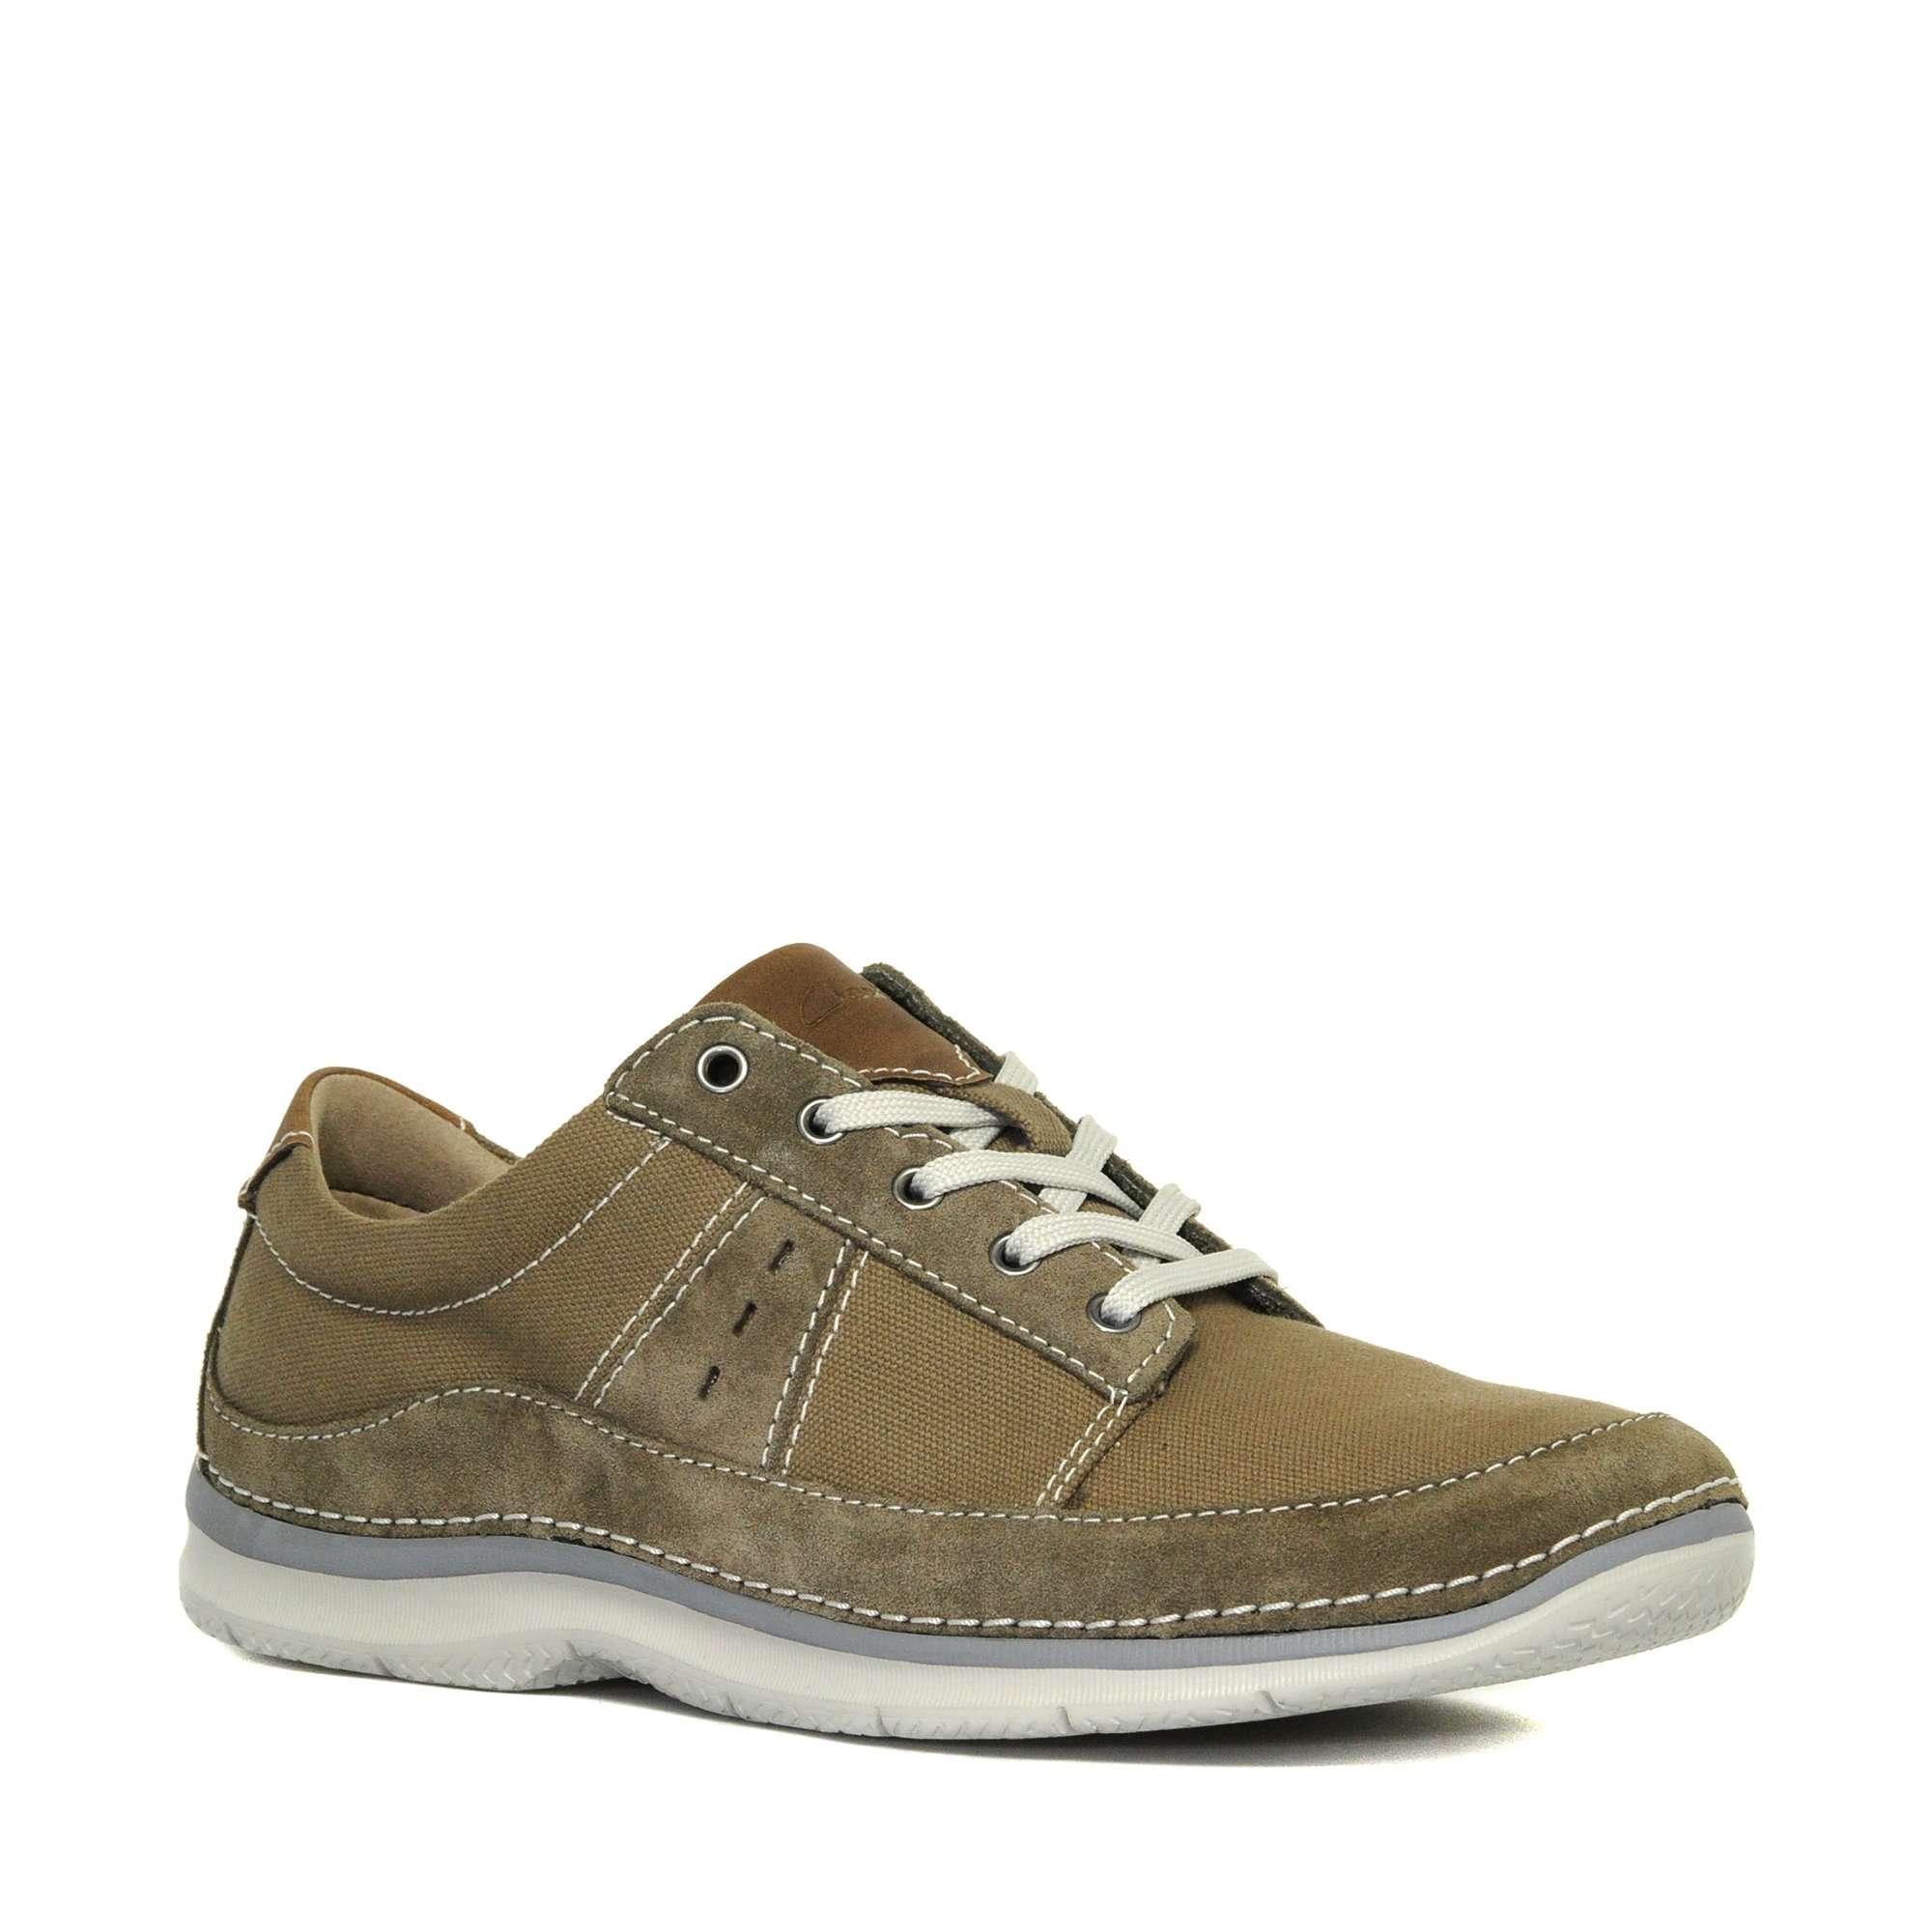 CLARKS Men's Ripton Plain Casual Shoes